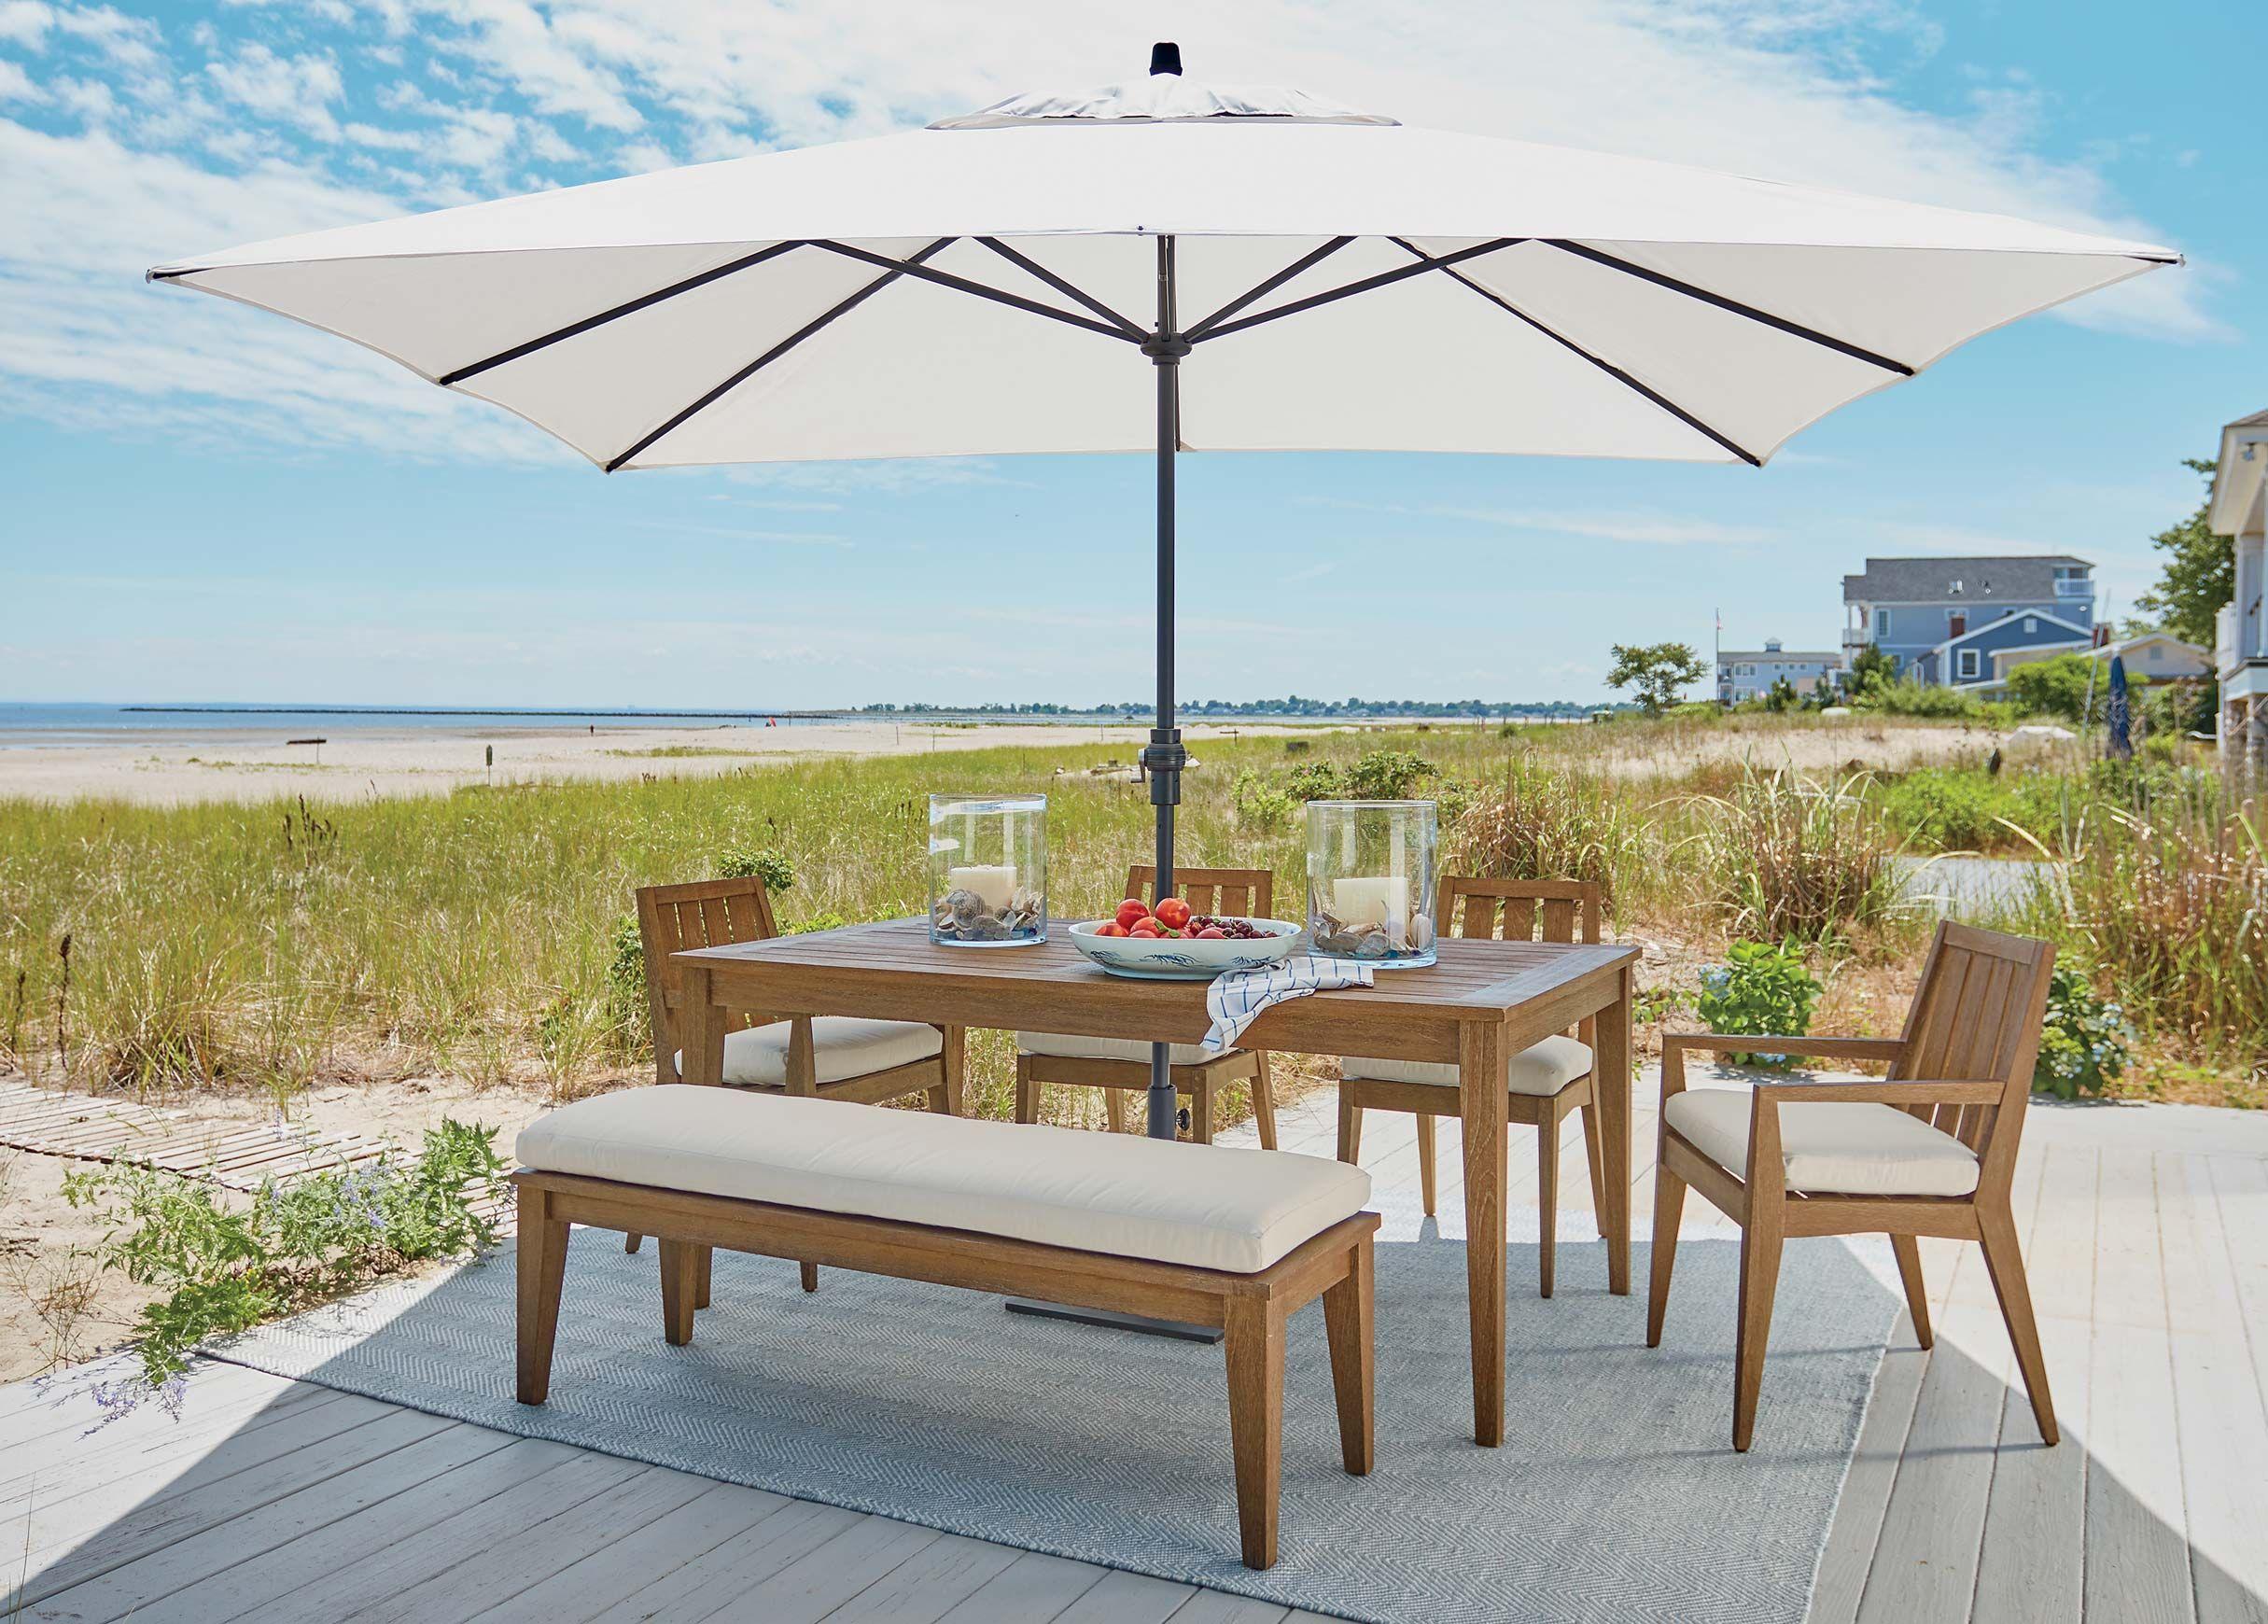 Bridgewater Cove Teak Collection Outdoor Dining Room Outdoor Dining Chairs Outdoor Dining